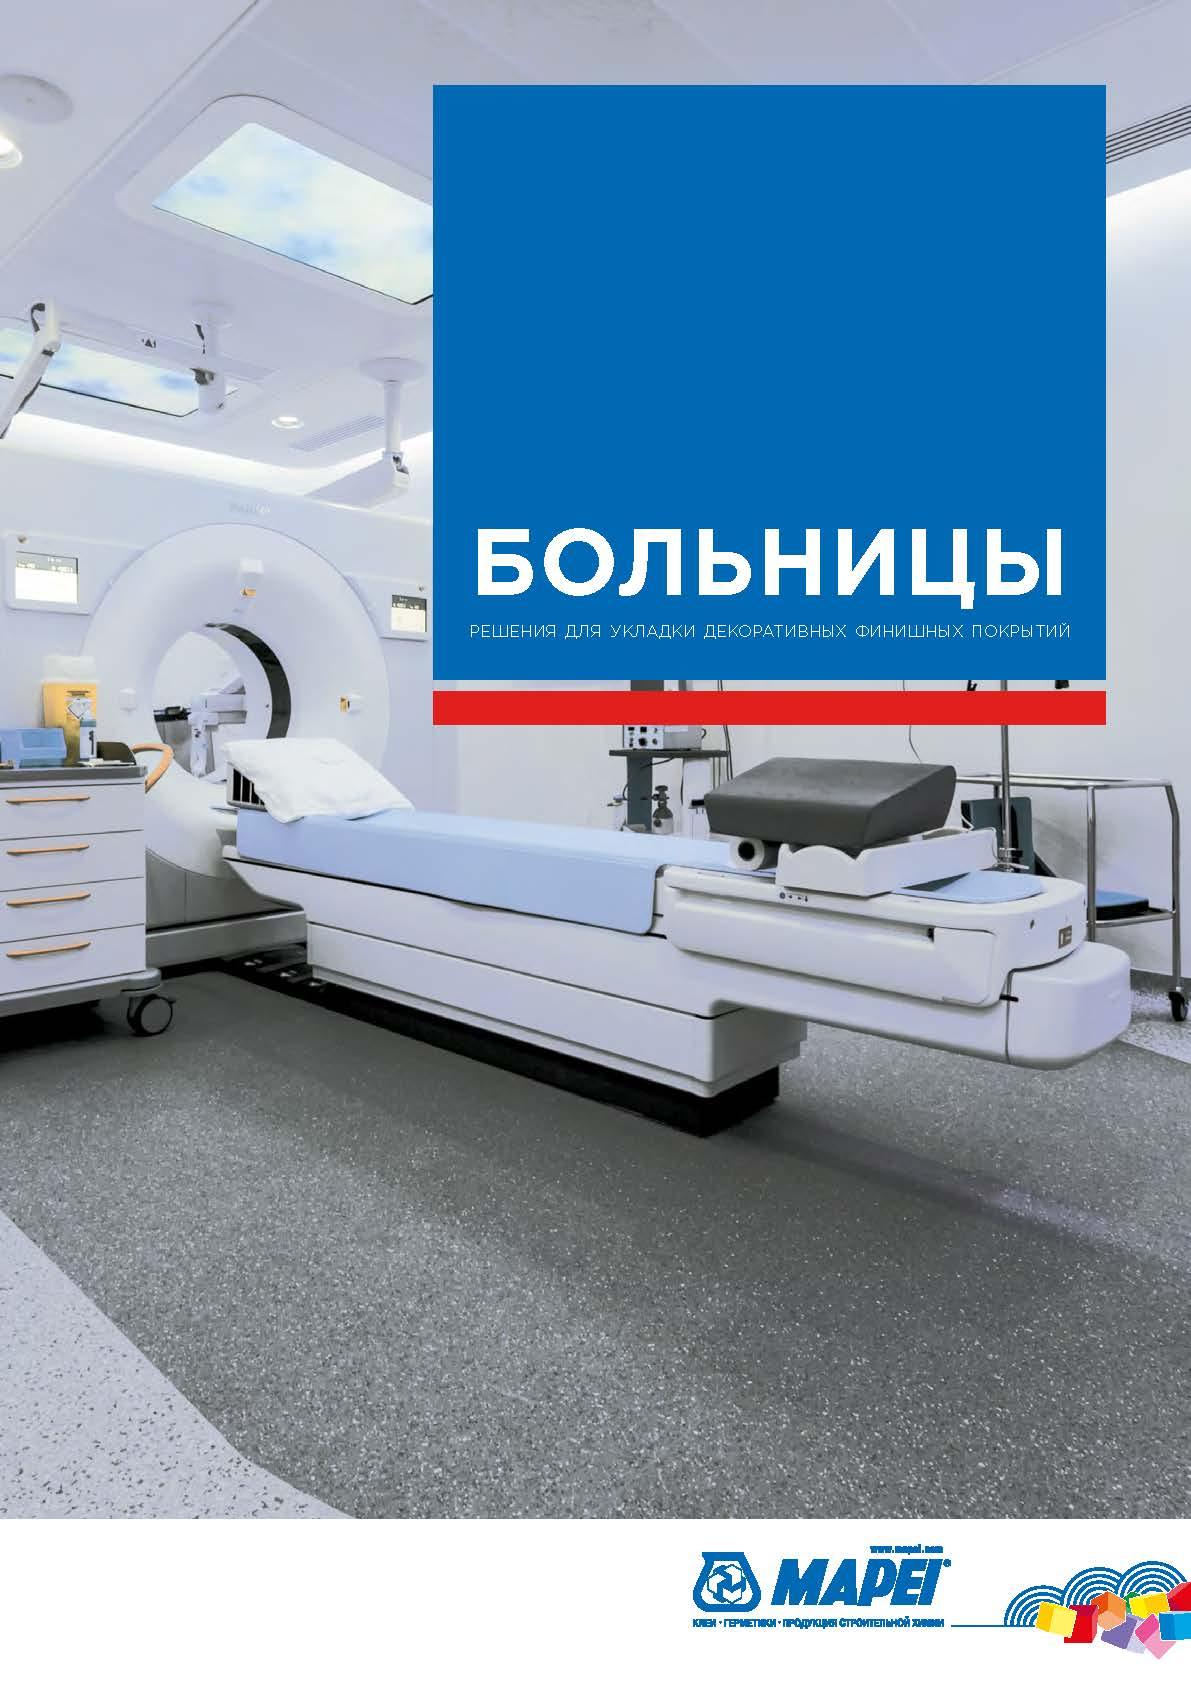 """Каталог """"Больницы. Решения для укладки декоративных покрытий"""""""